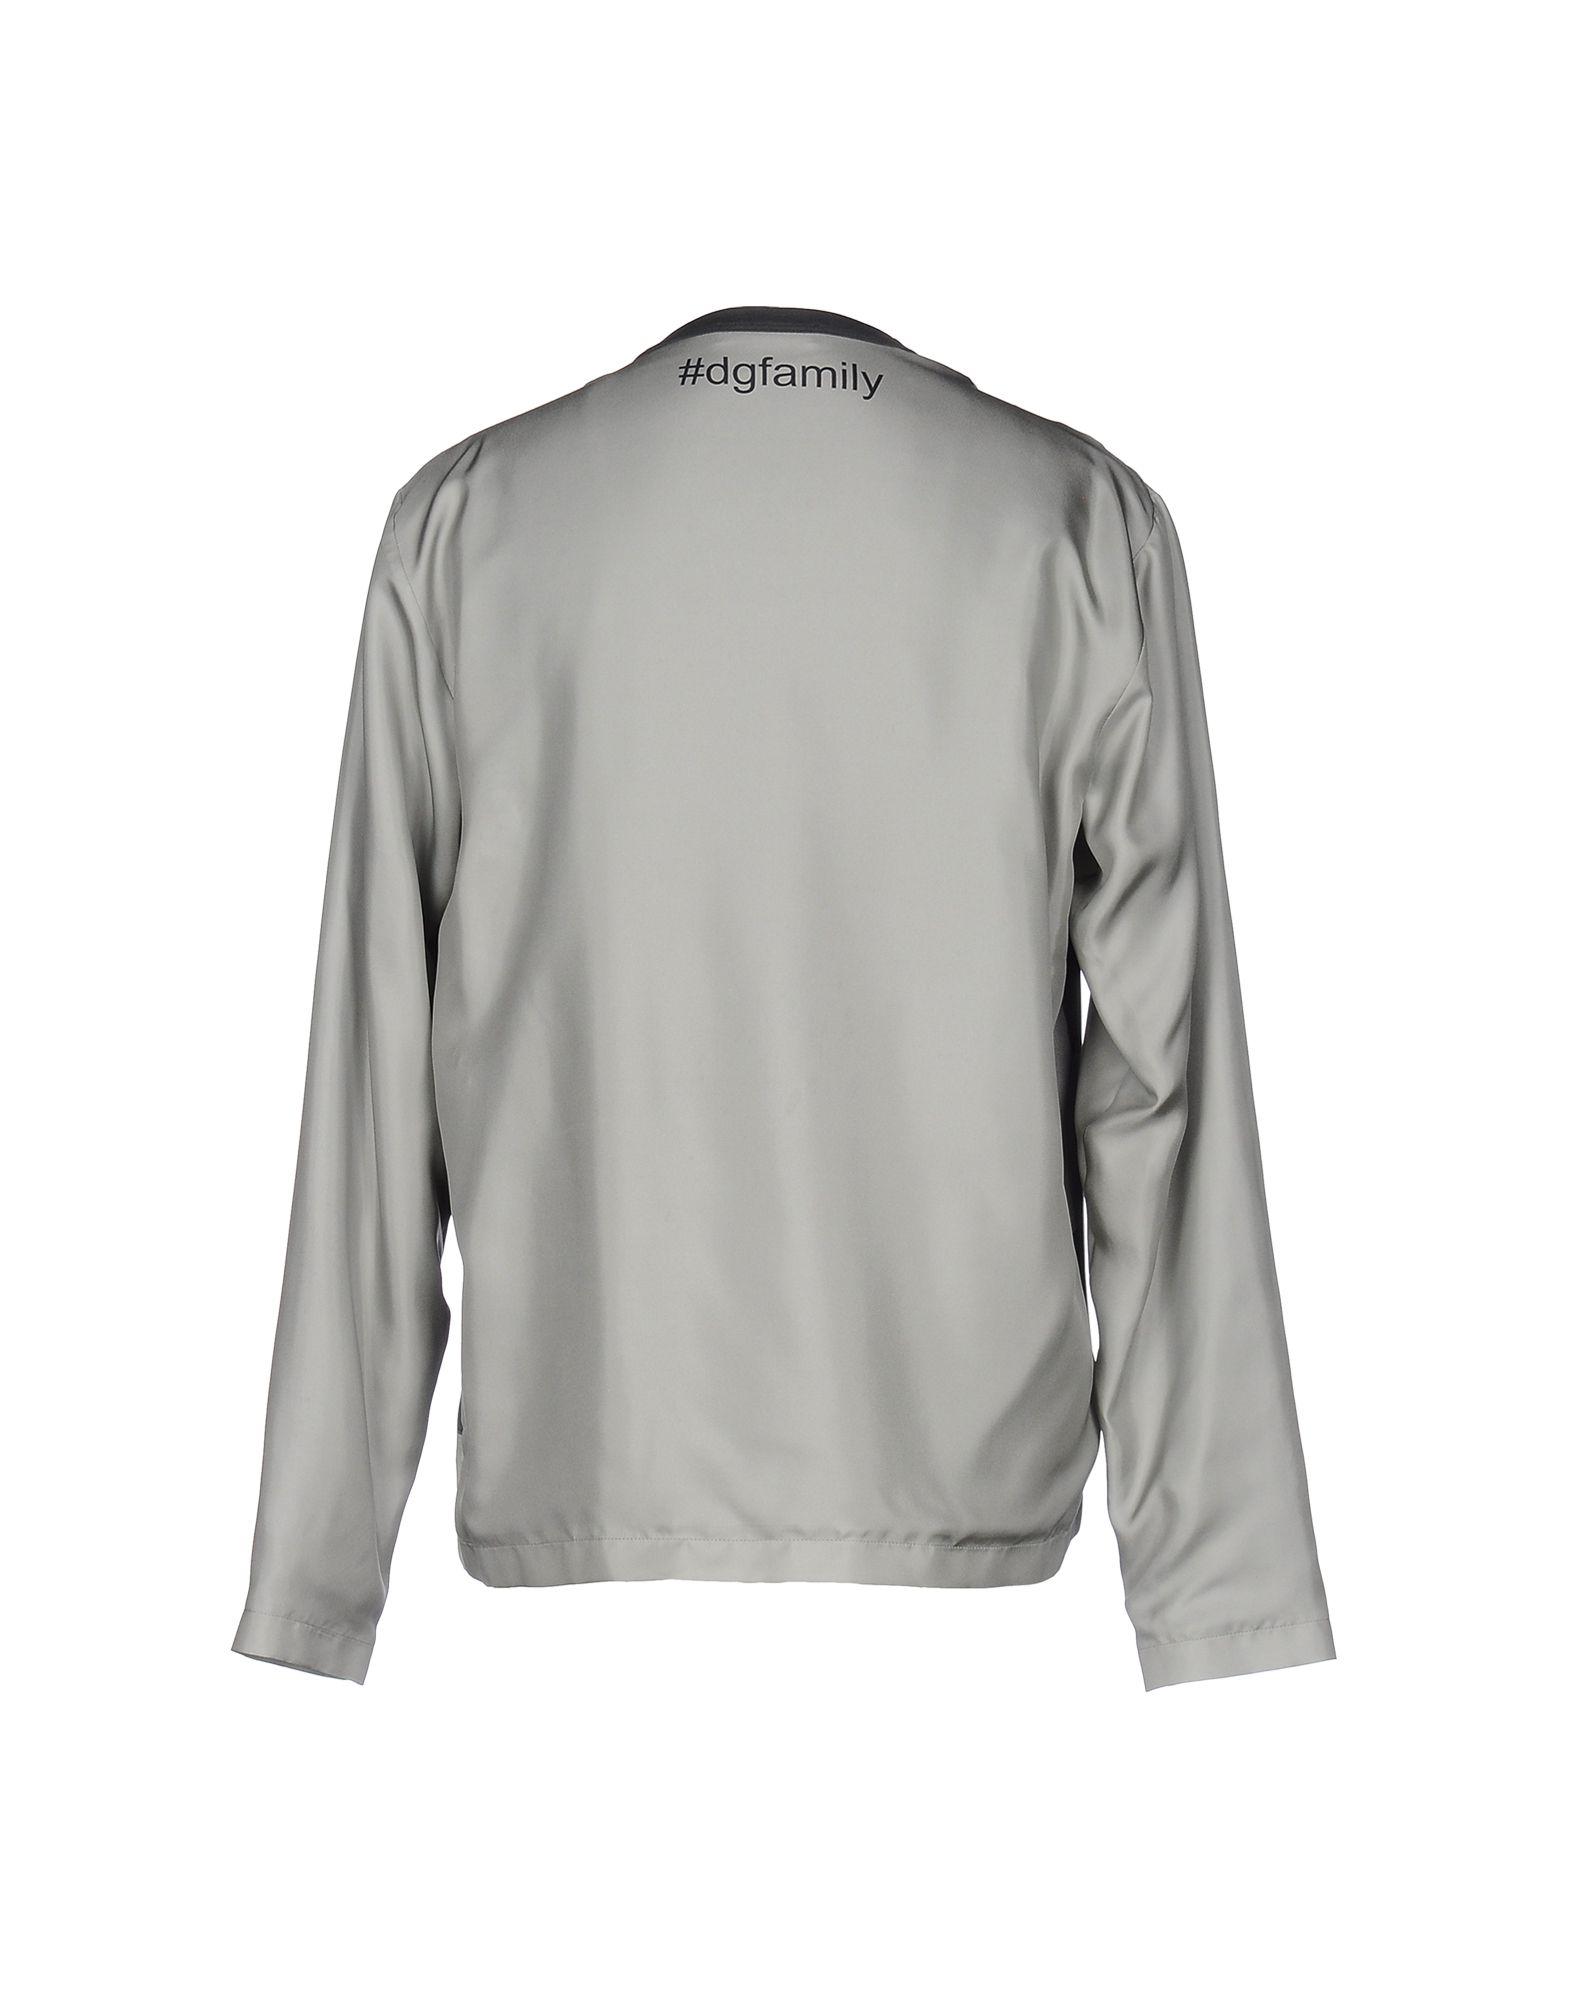 T-Shirt Dolce & Gabbana Uomo Uomo Gabbana - 12019508UT 470900